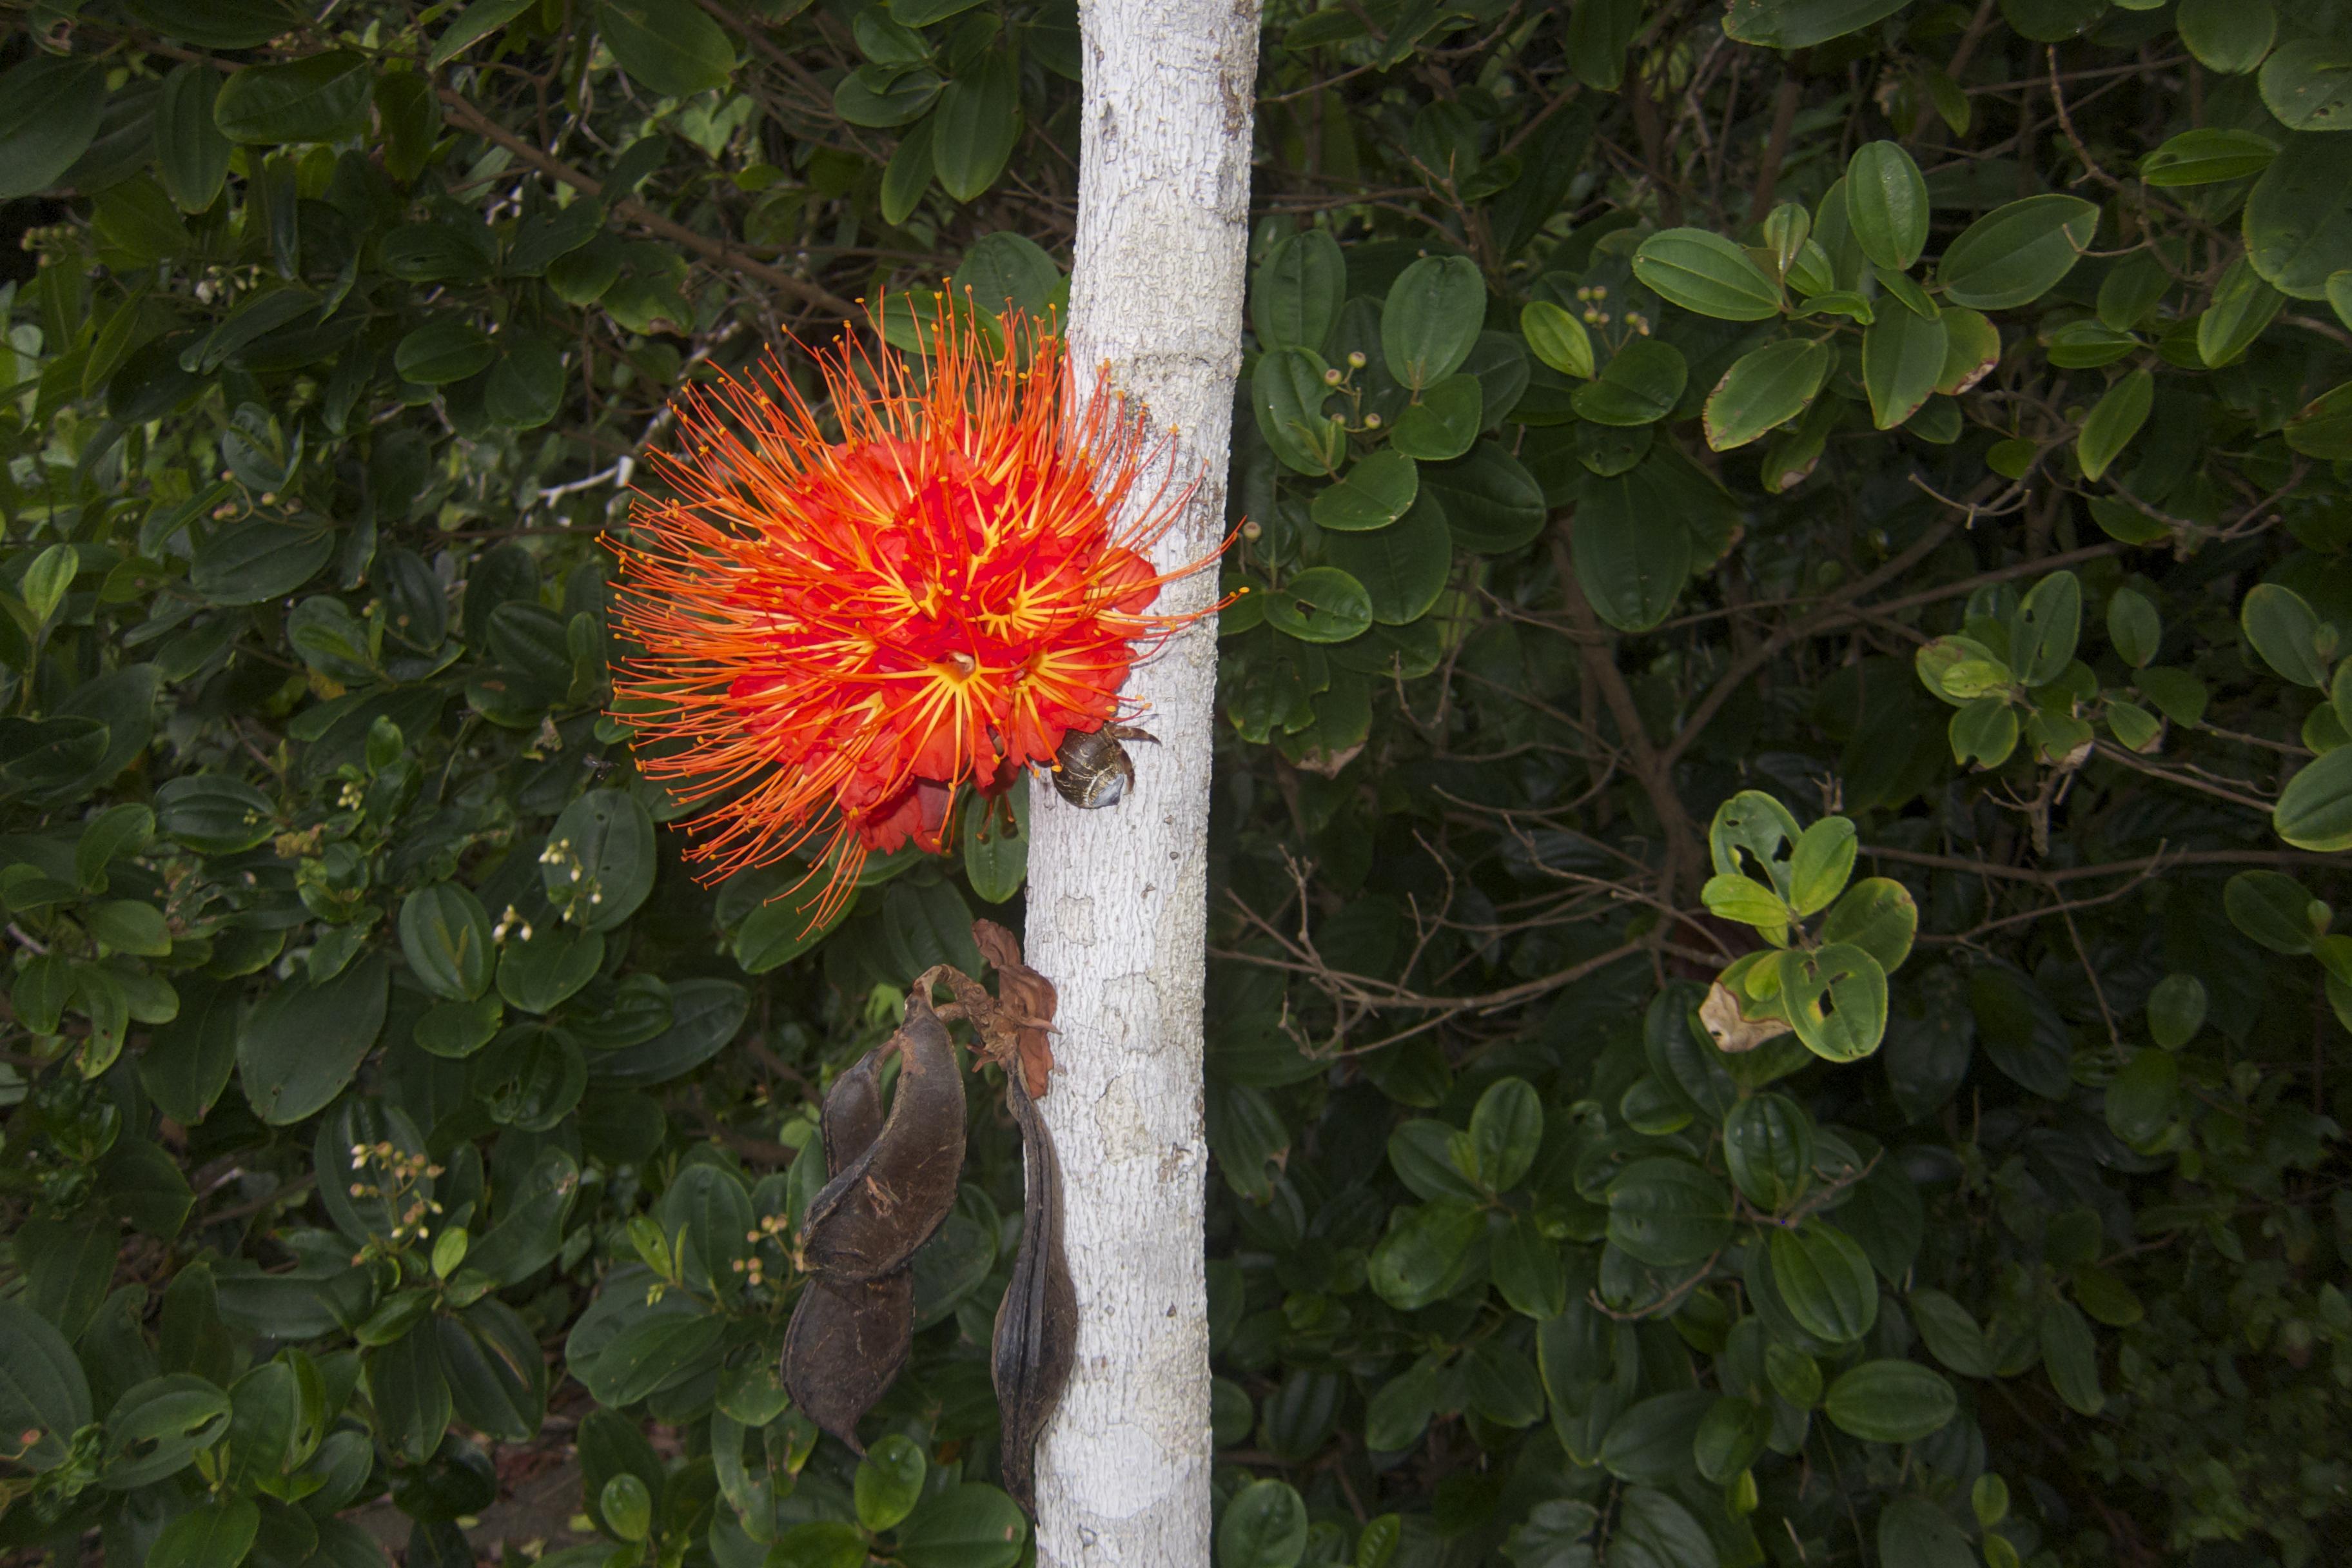 Ariza florecido. El Almejal. Hoteles en Bahía Solano